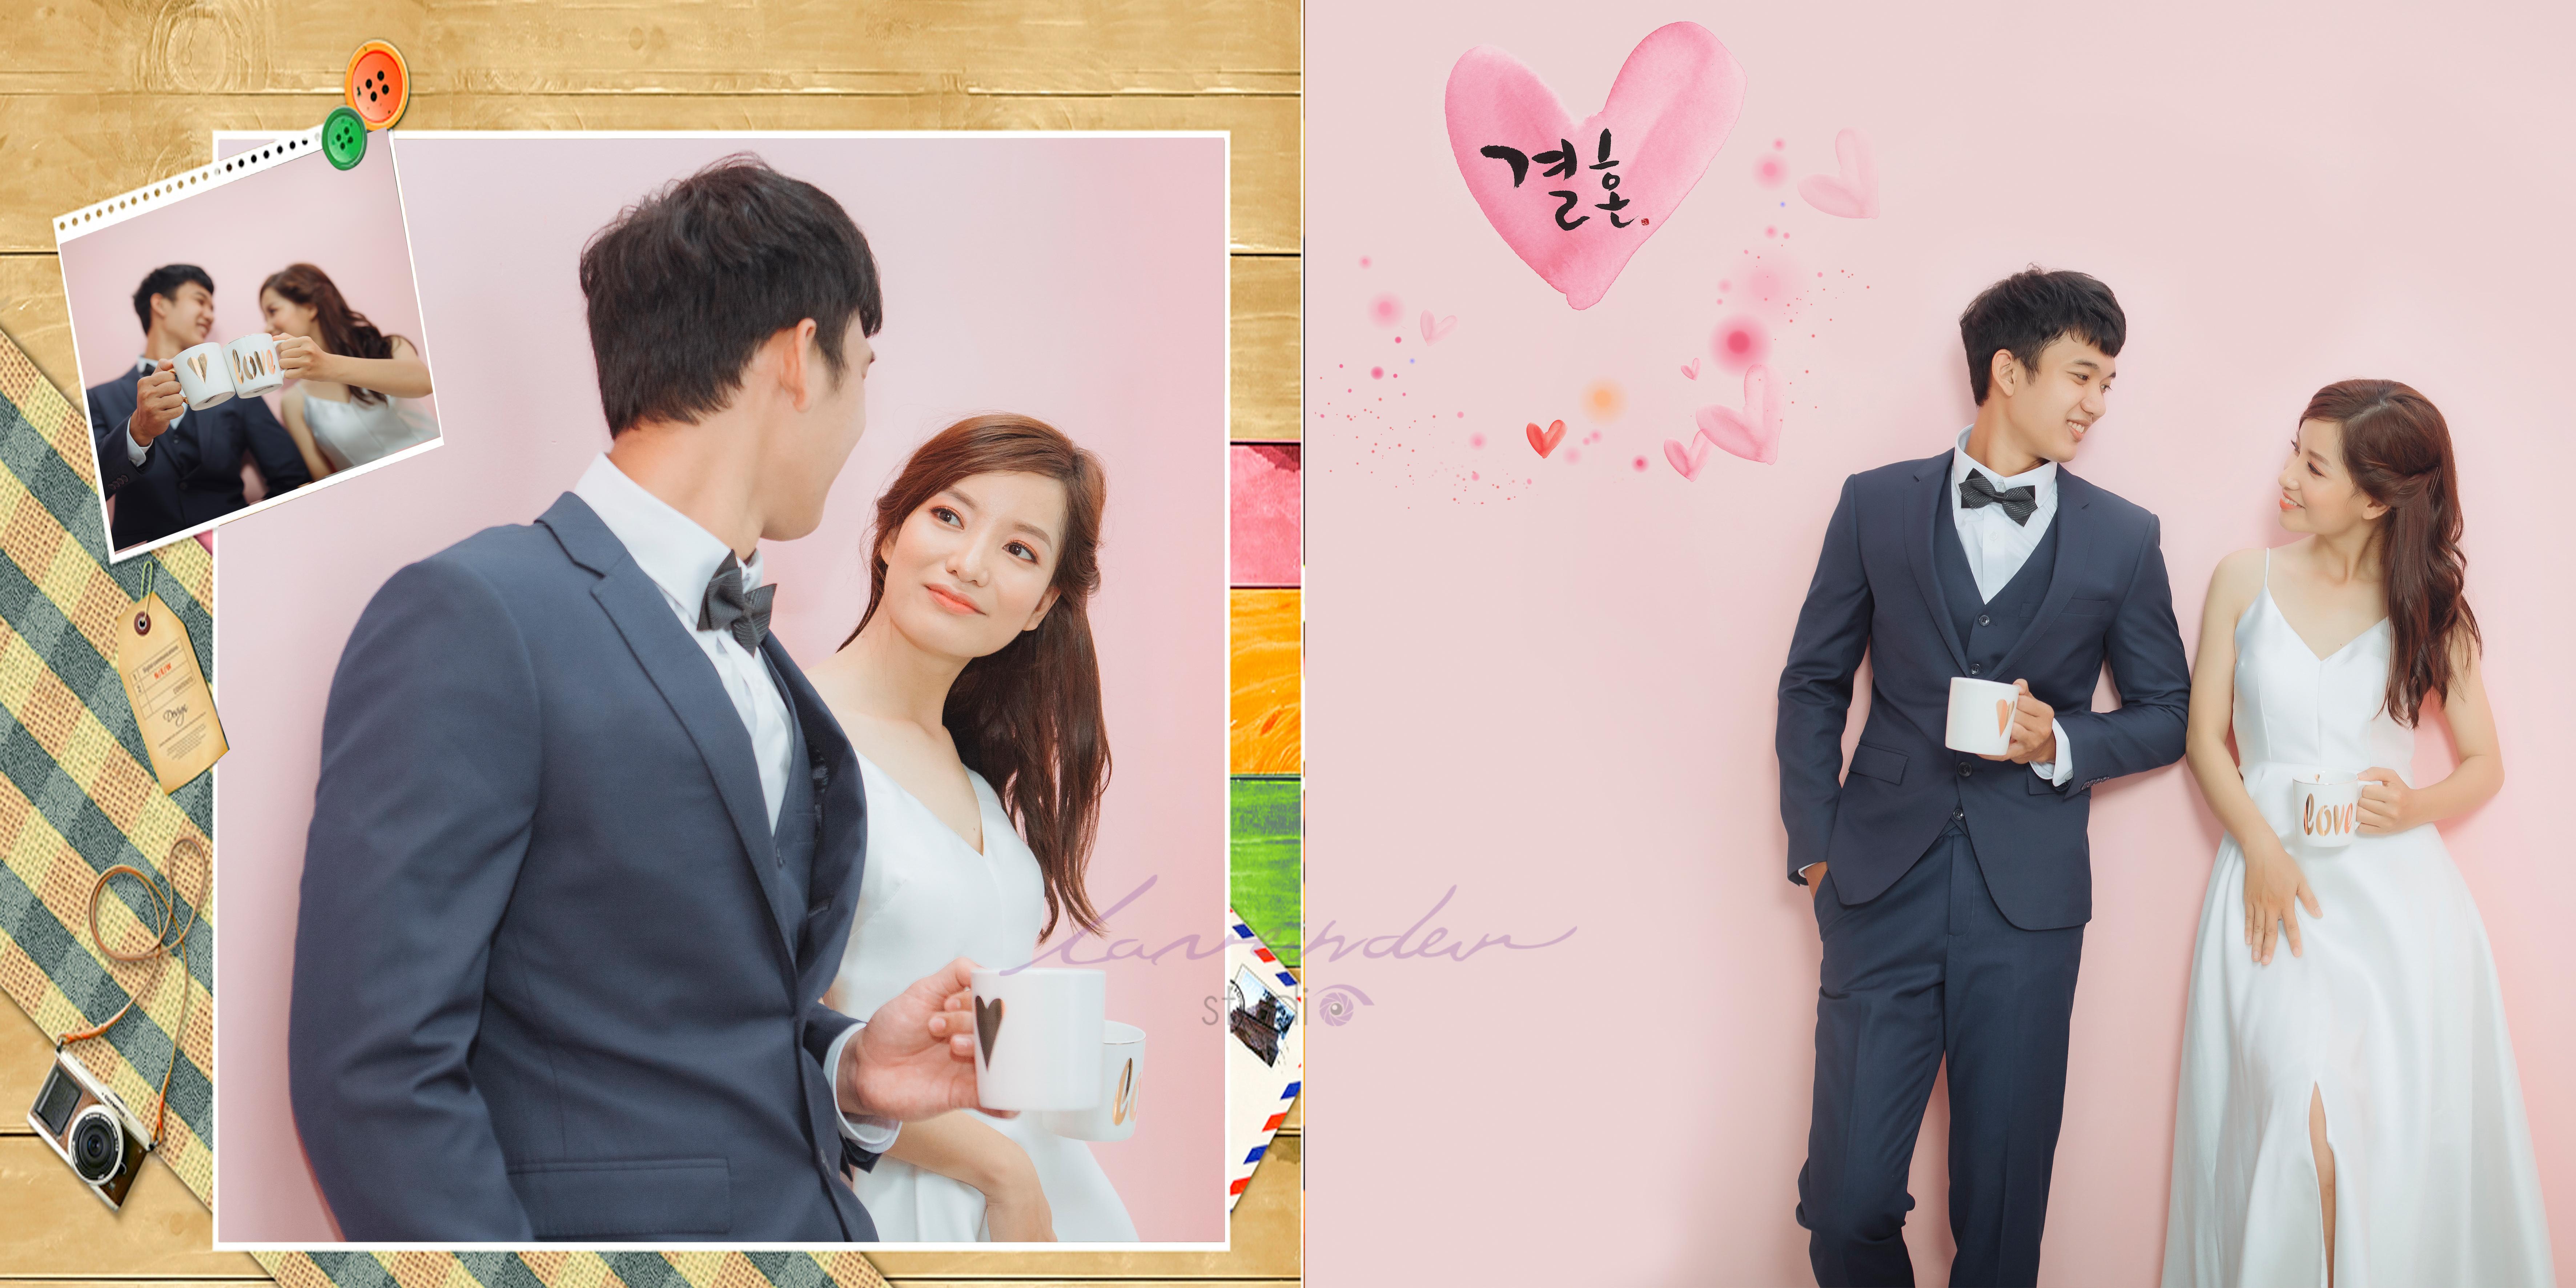 Phong cách chụp hình cưới Hàn Quốc